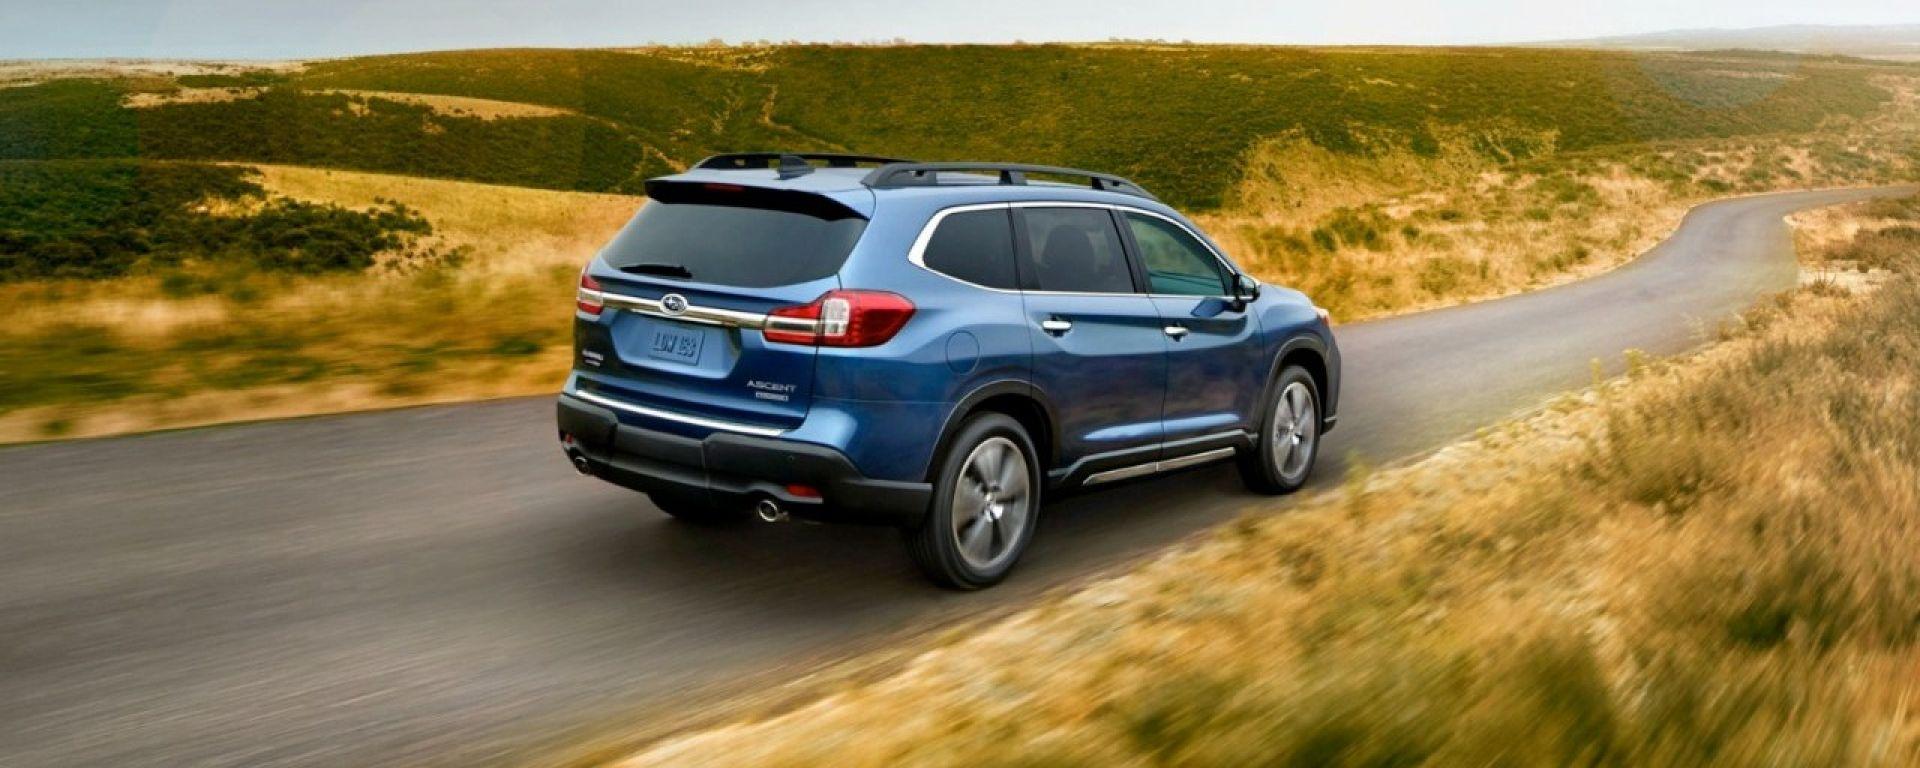 Subaru Ascent: ecco il SUV a otto posti, le foto uffuciali